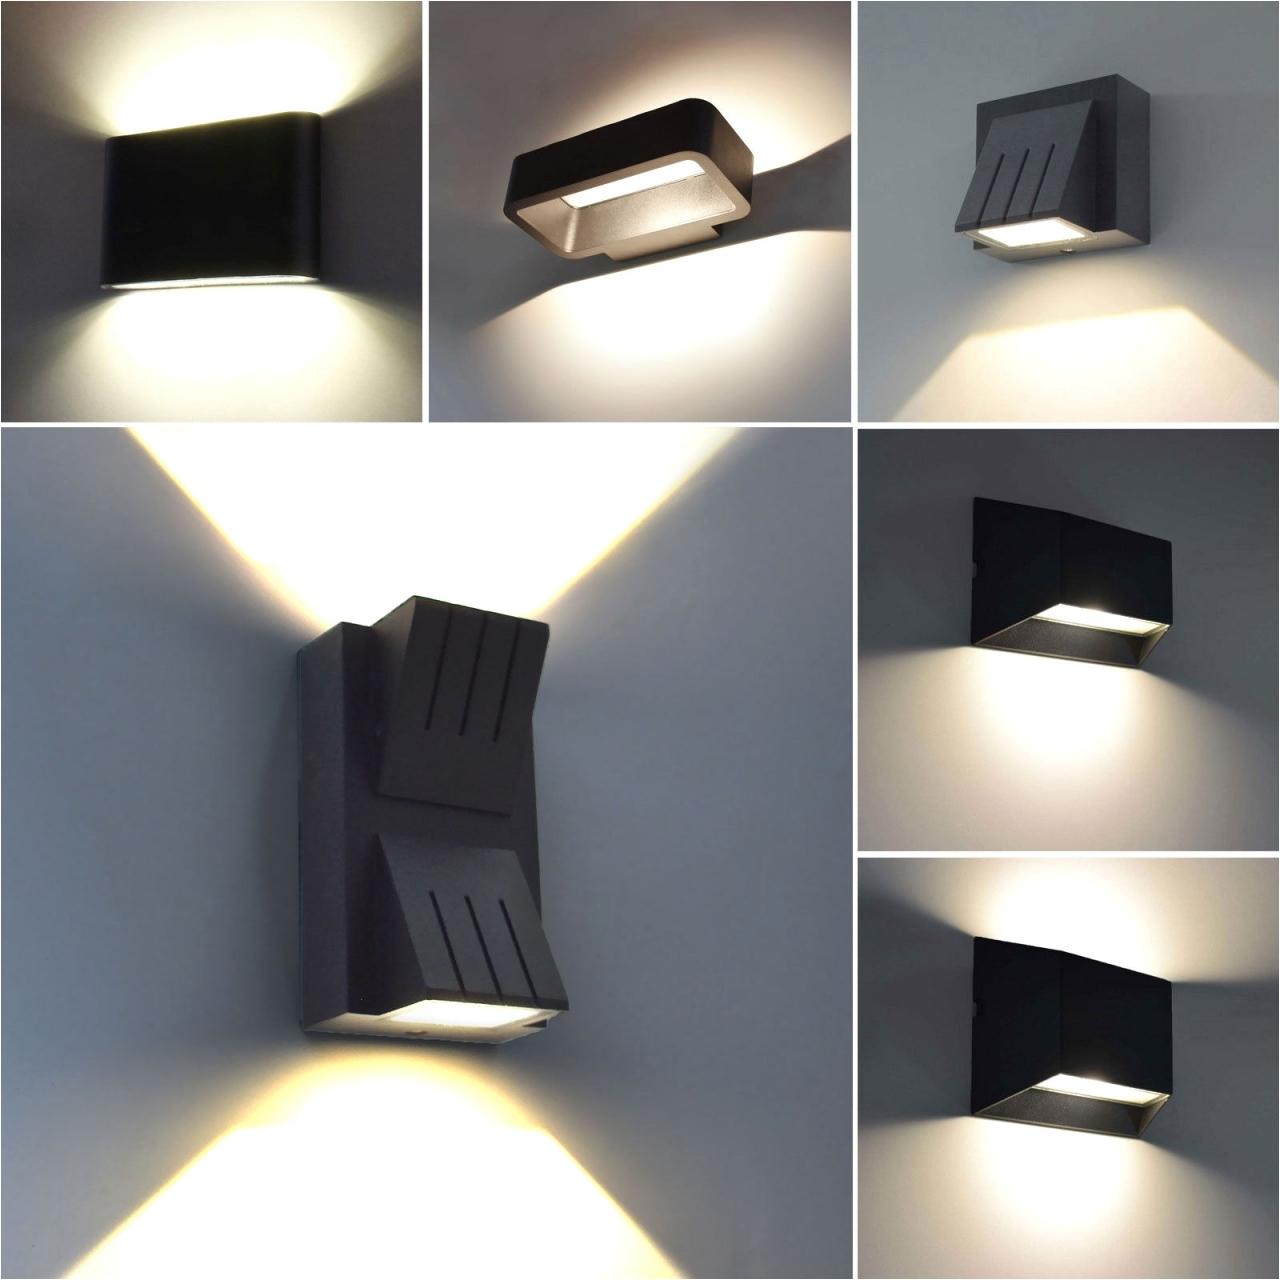 image of best mercial outdoor led lighting terranovaenergyltd